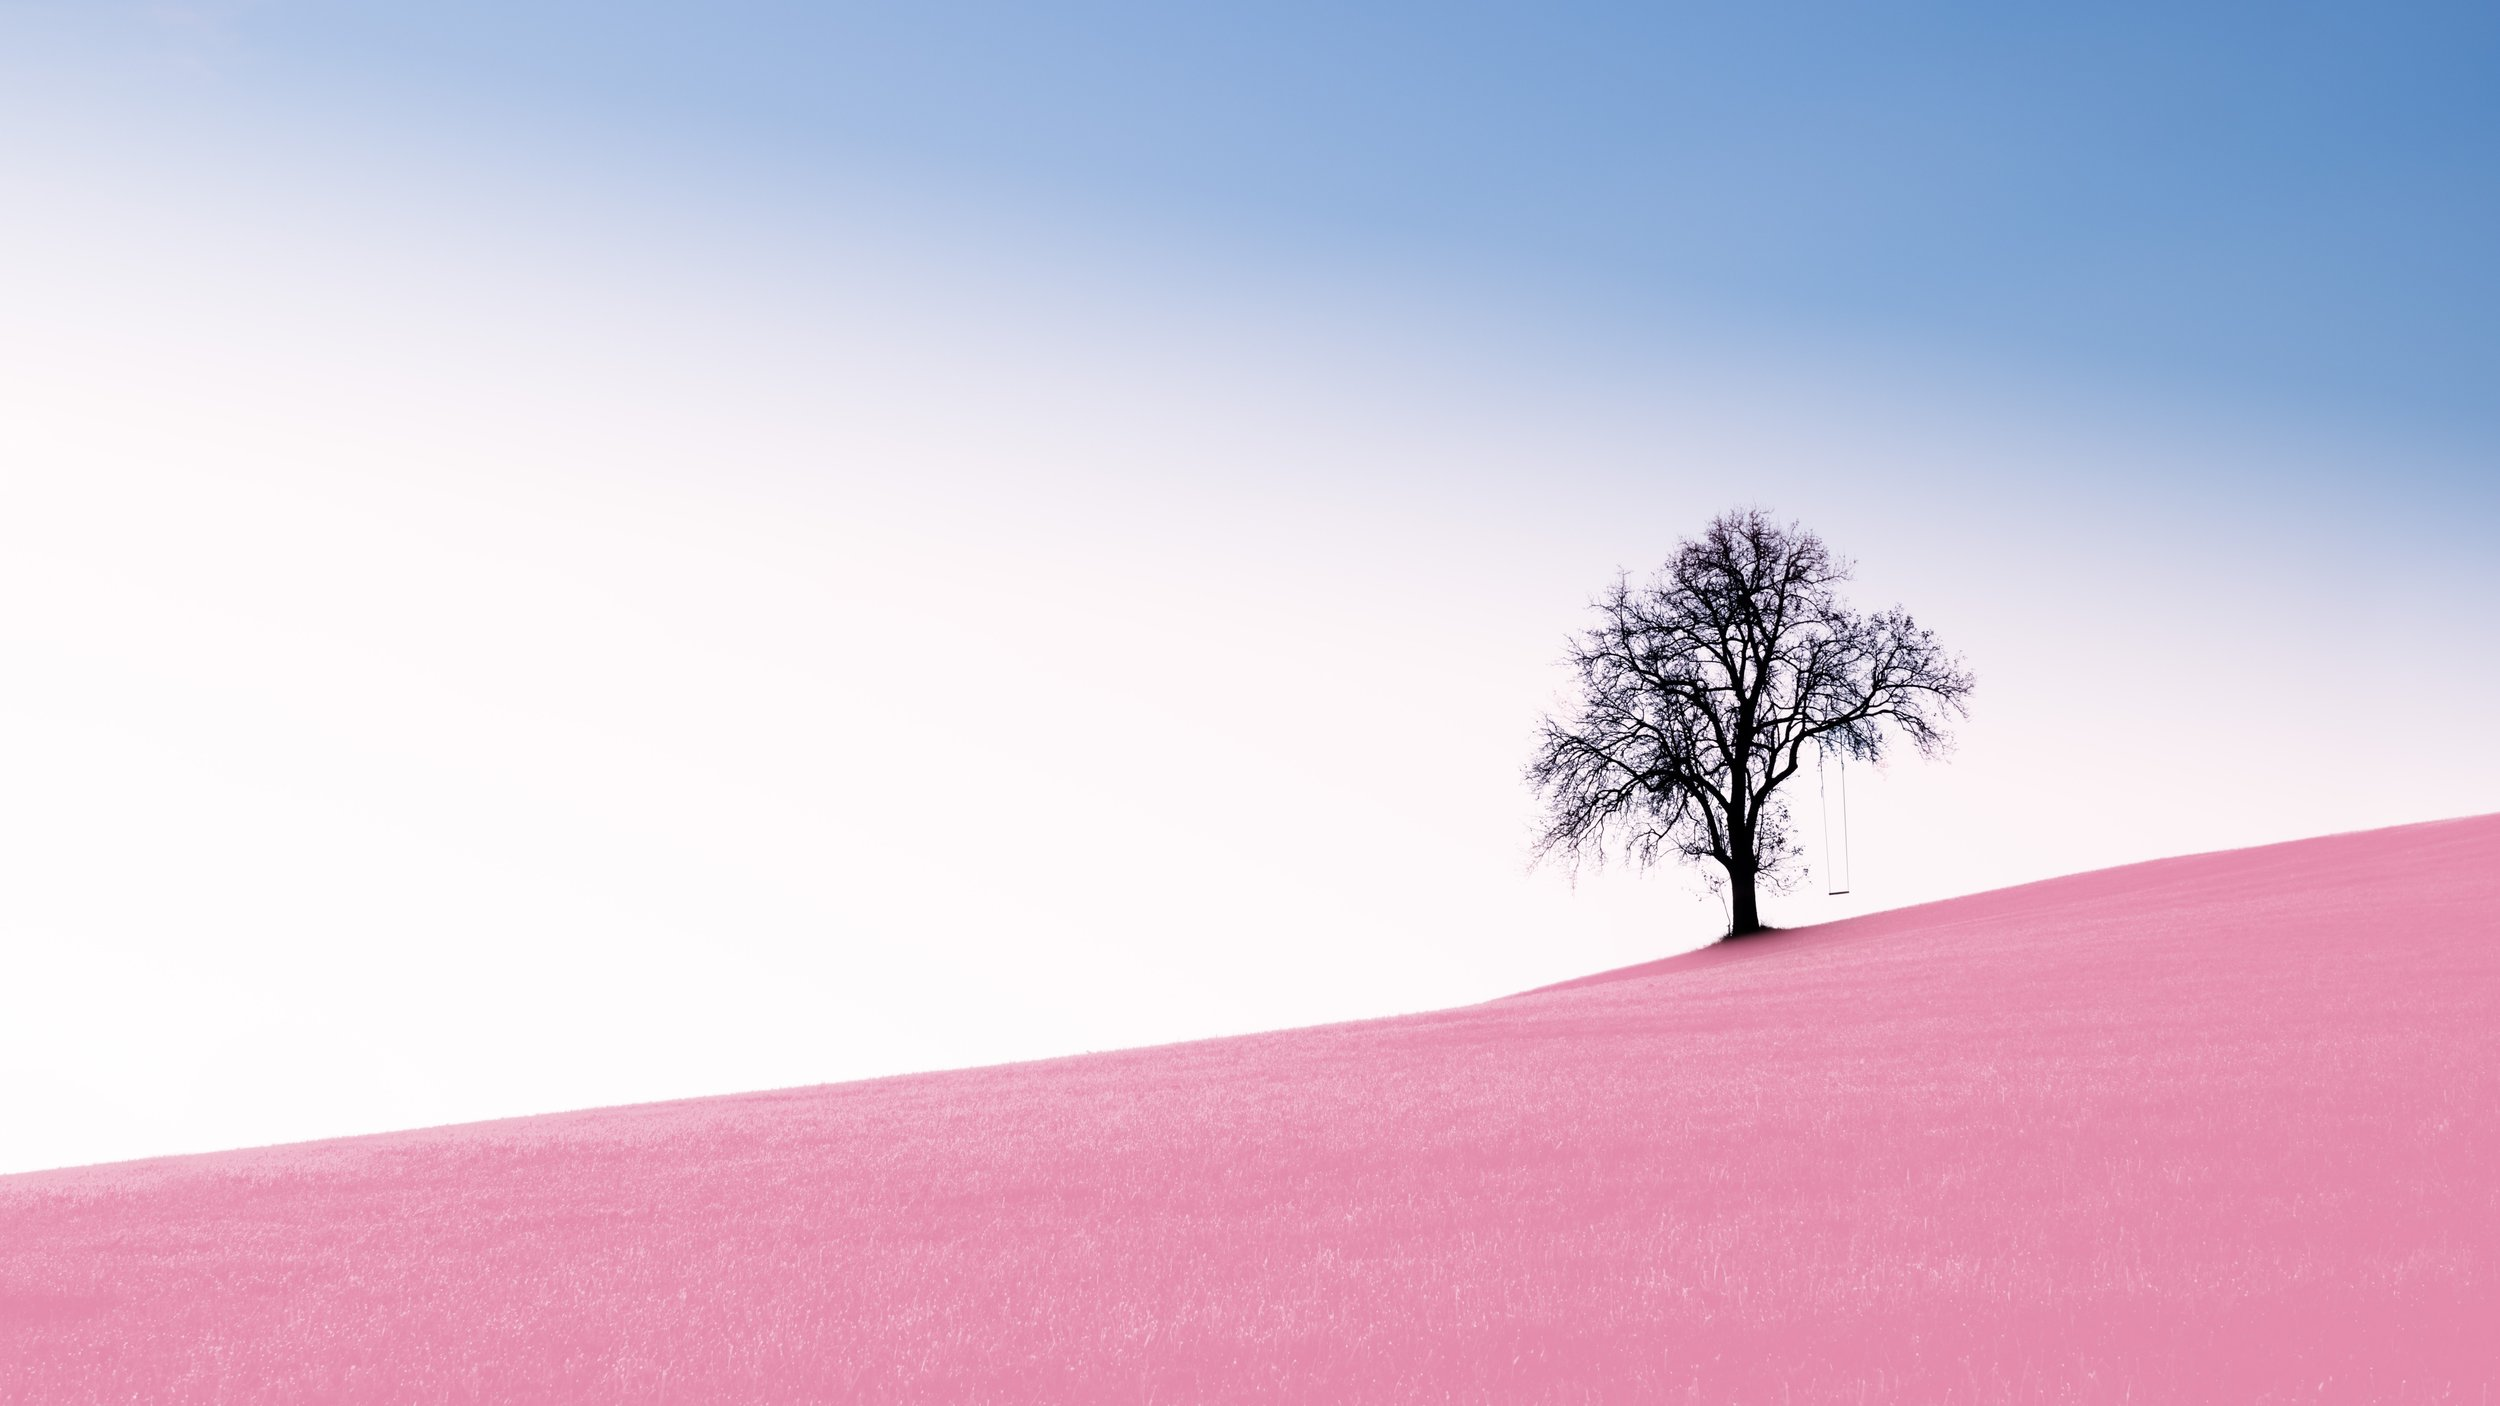 tree on desert.jpg